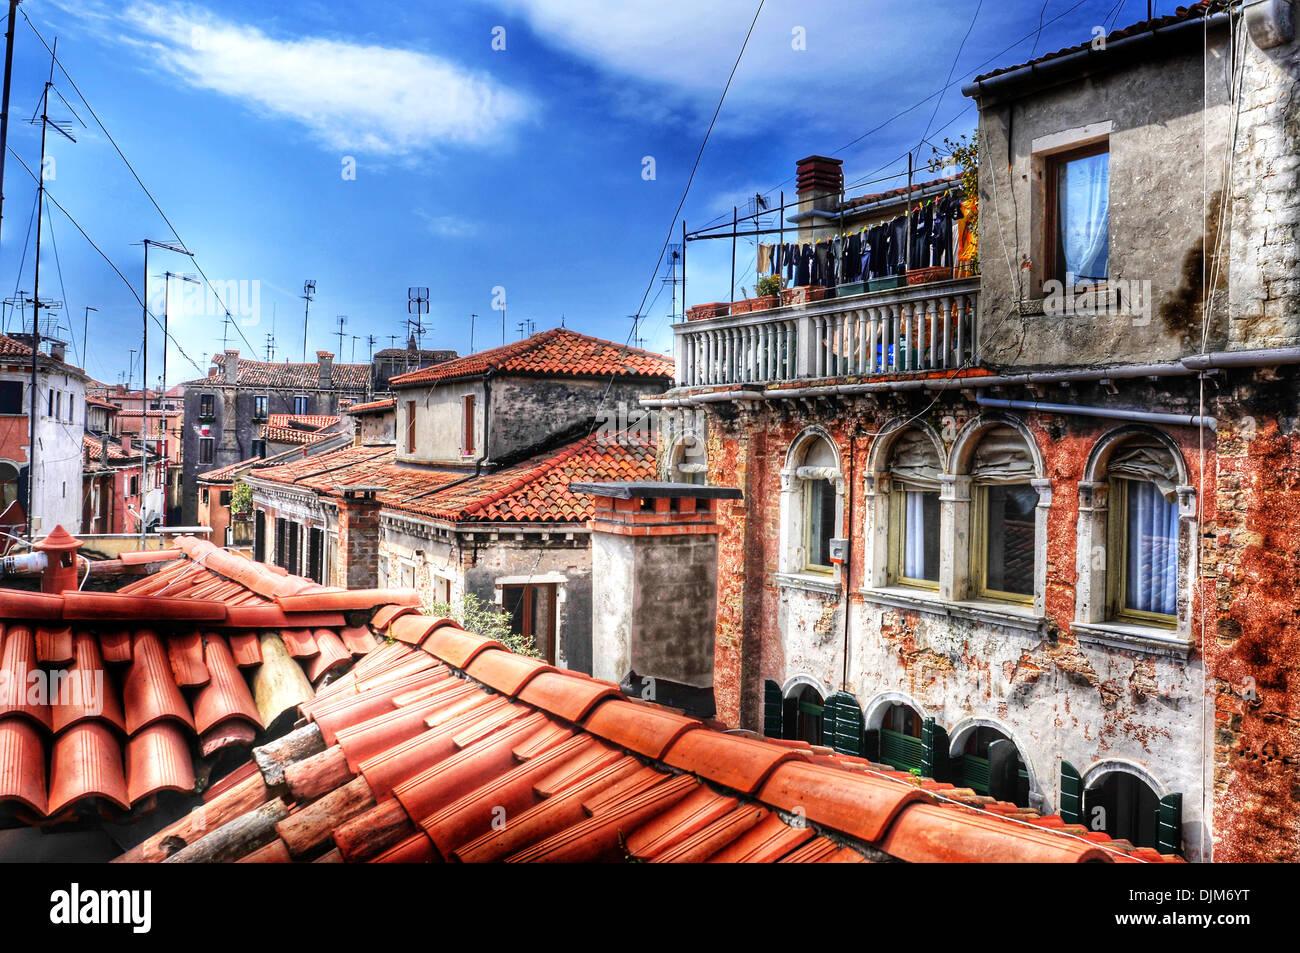 Vue sur les toits du Sestiere de San Polo à Venise, Italie Photo Stock